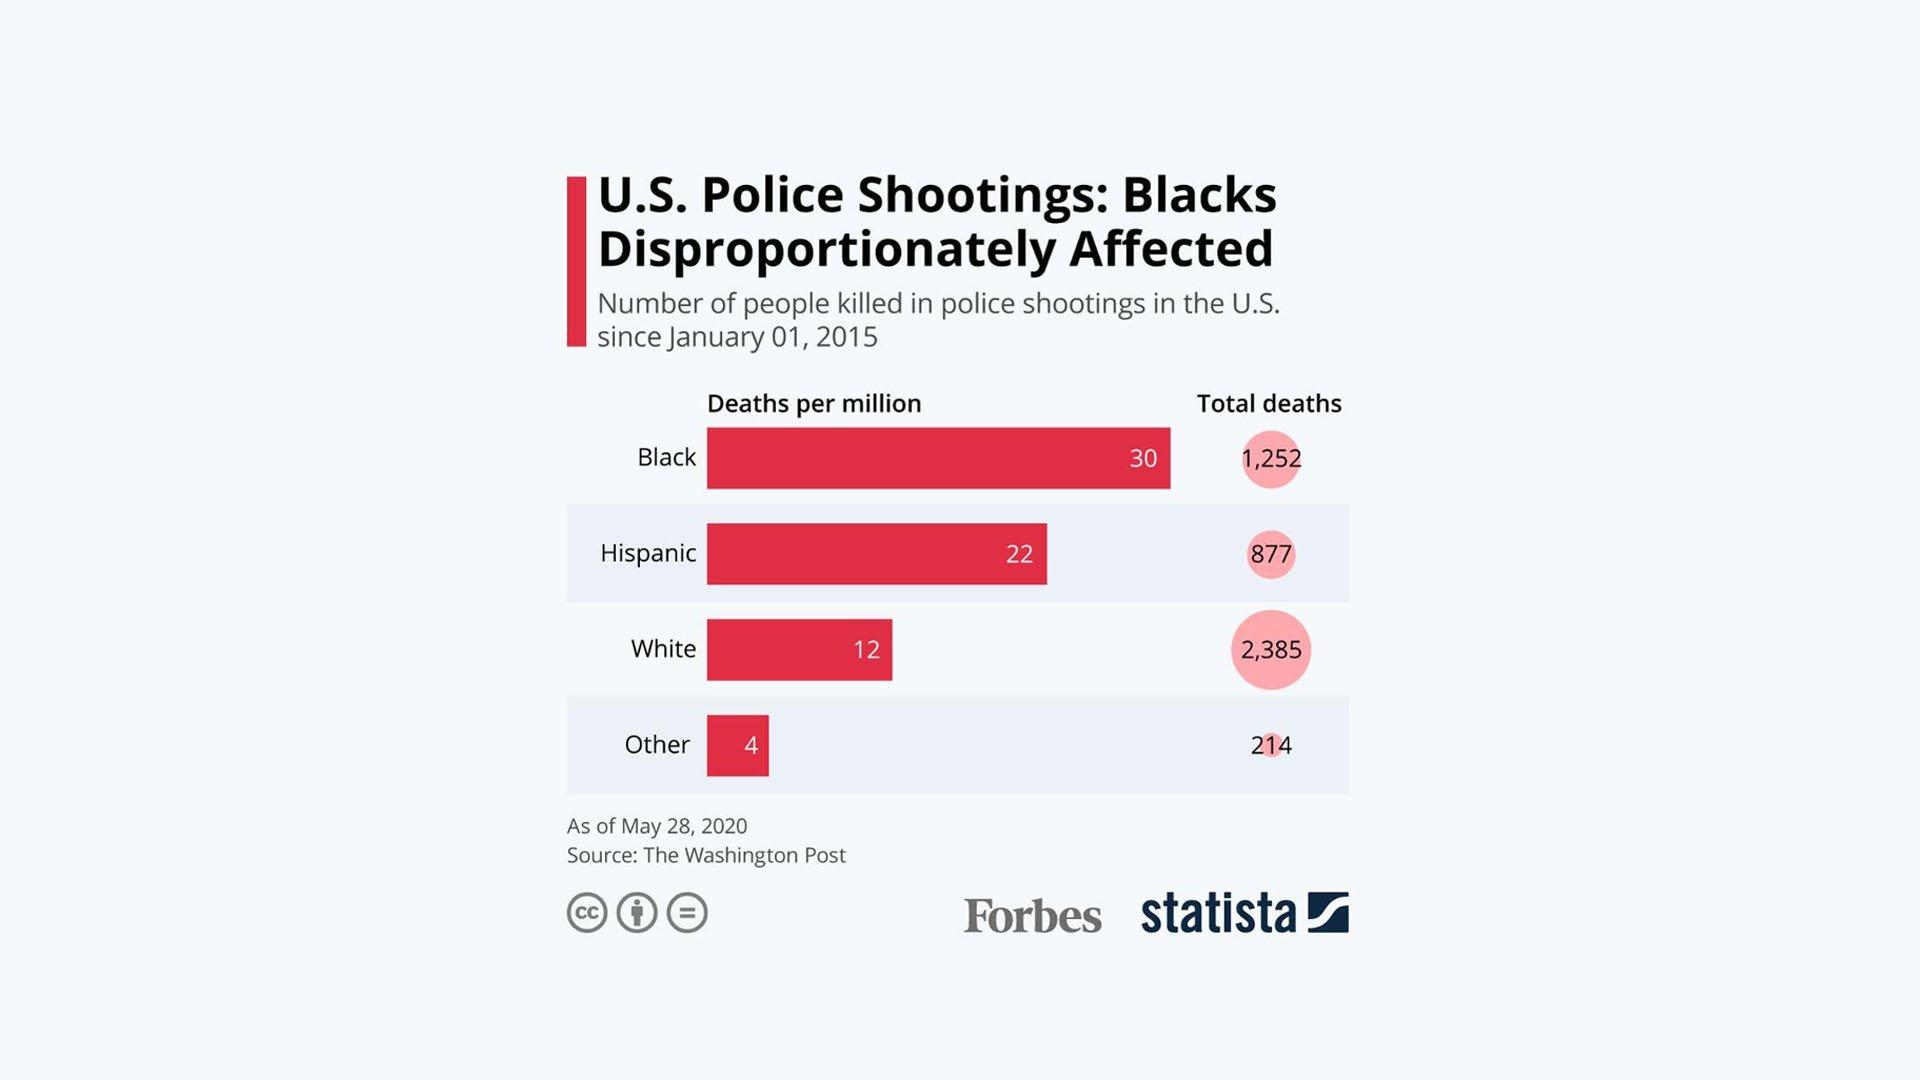 Le statistiche sulle vittime di sparatorie con la Polizia divisi per etnia - Fonte: Forbes